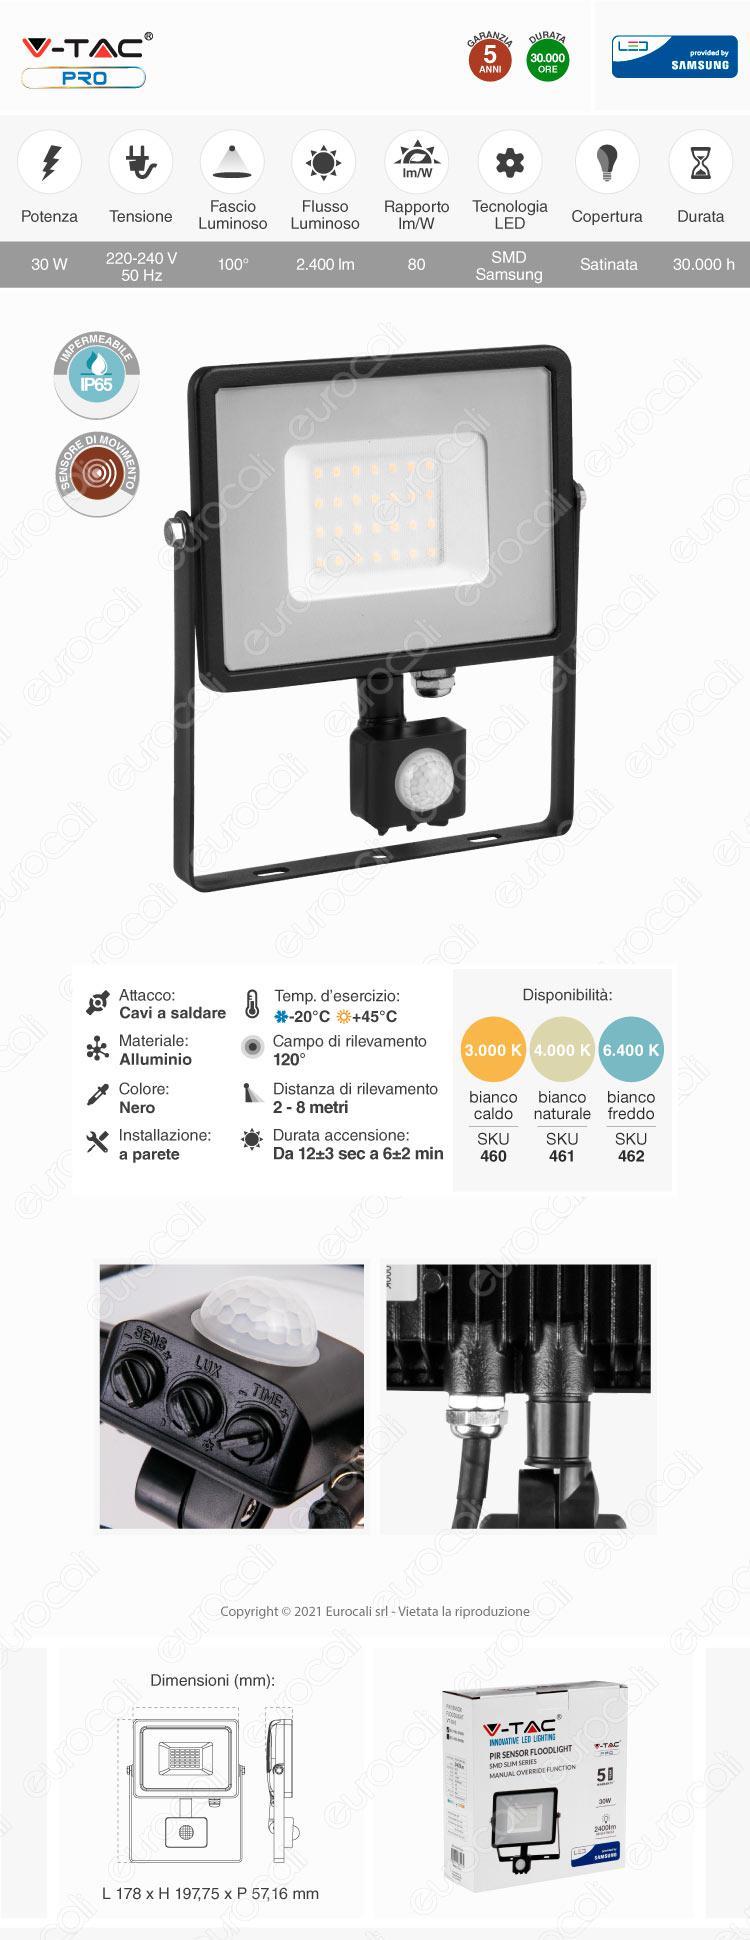 V-Tac PRO VT-30-S Faretto LED 30W Ultra Sottile Slim Chip Samsung con Sensore Colore Nero